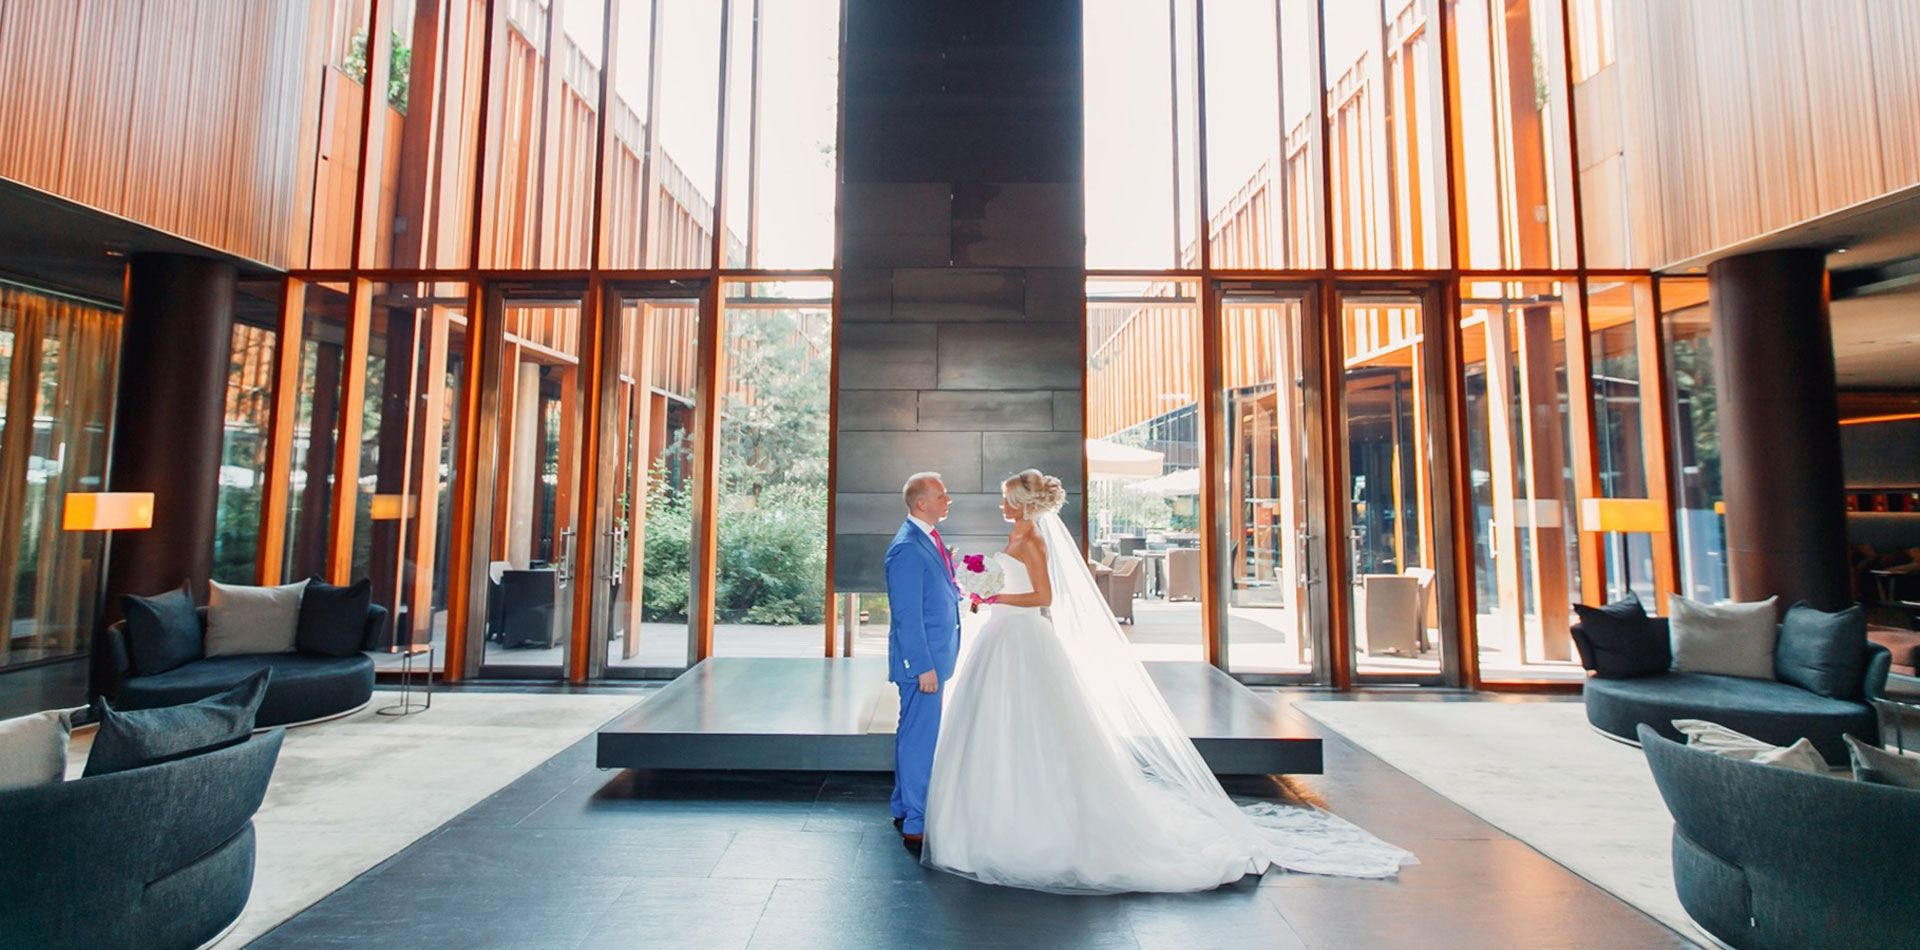 Лоск и глянец. Свадьба Яны и Сергея, фото 1